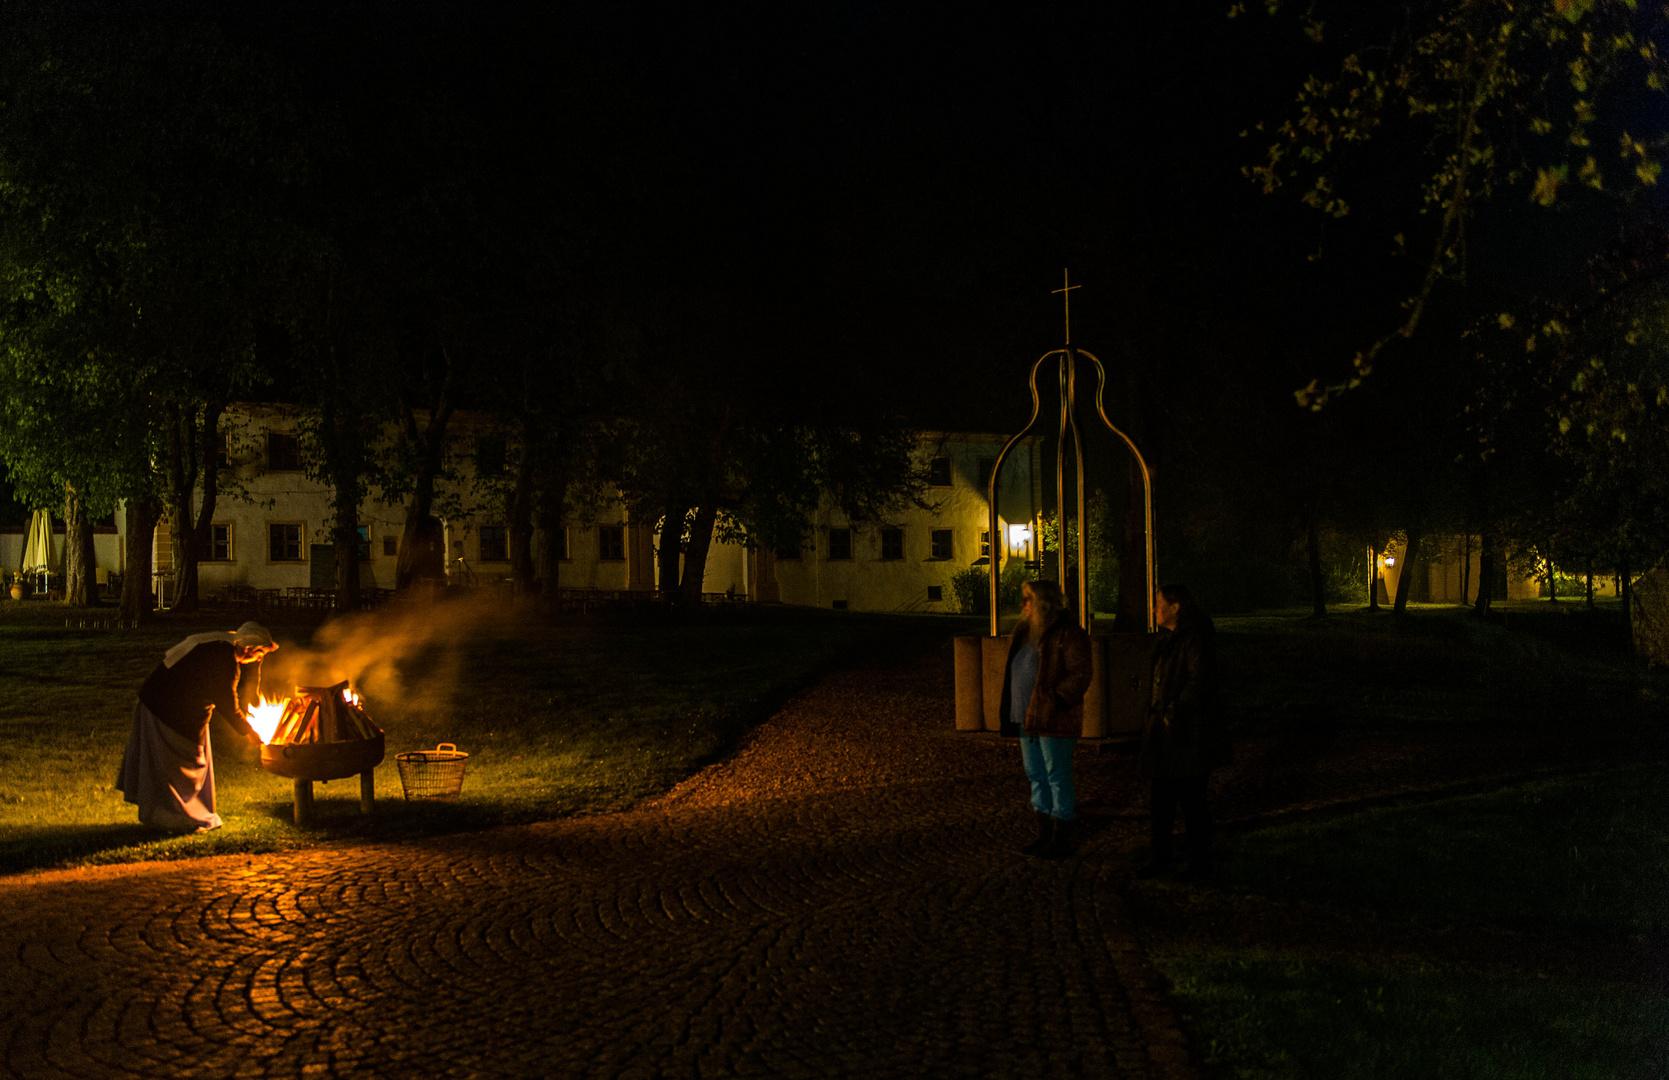 Das Osterfeuer wird entzündet - Abtei Oberschönenfeld